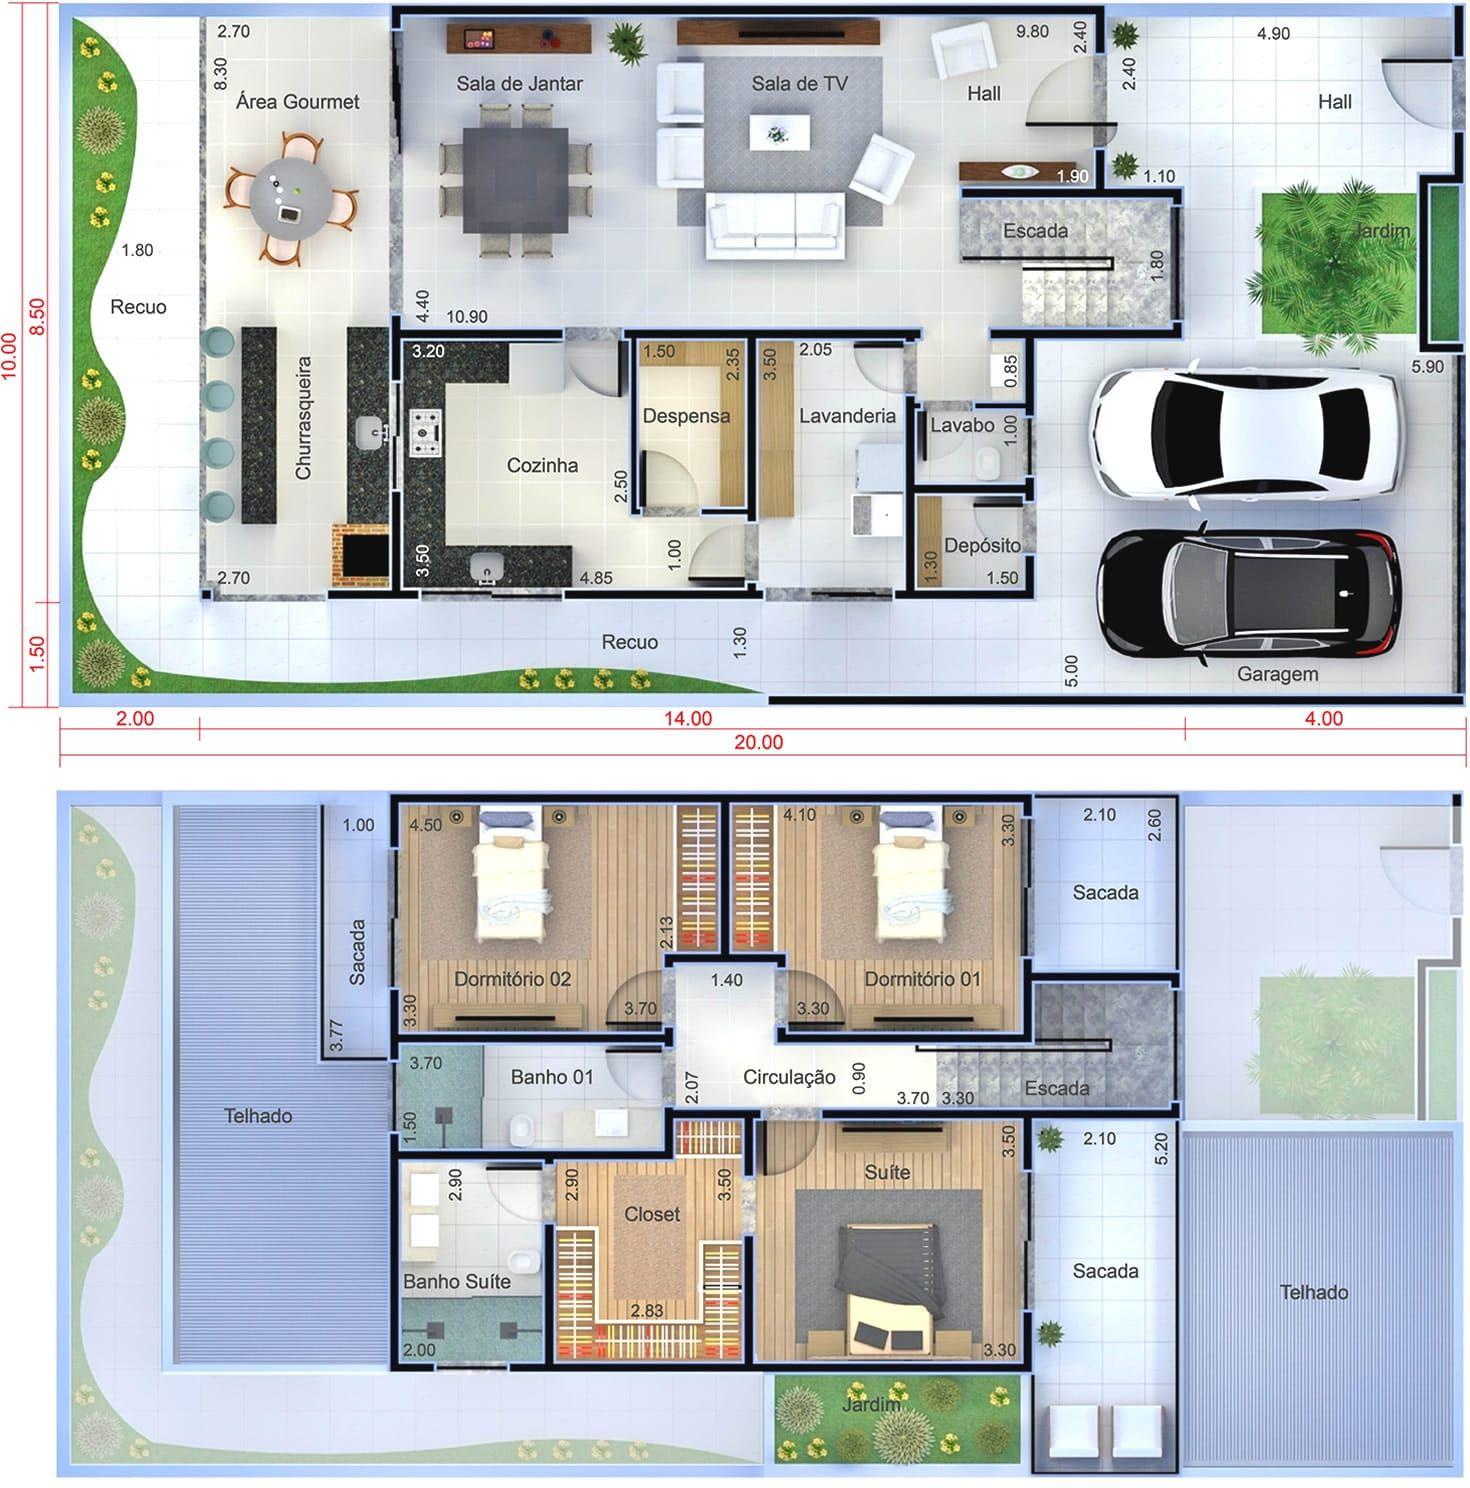 Planta de sobrado moderno com 3 quartos planta para for Casa moderna 150 m2